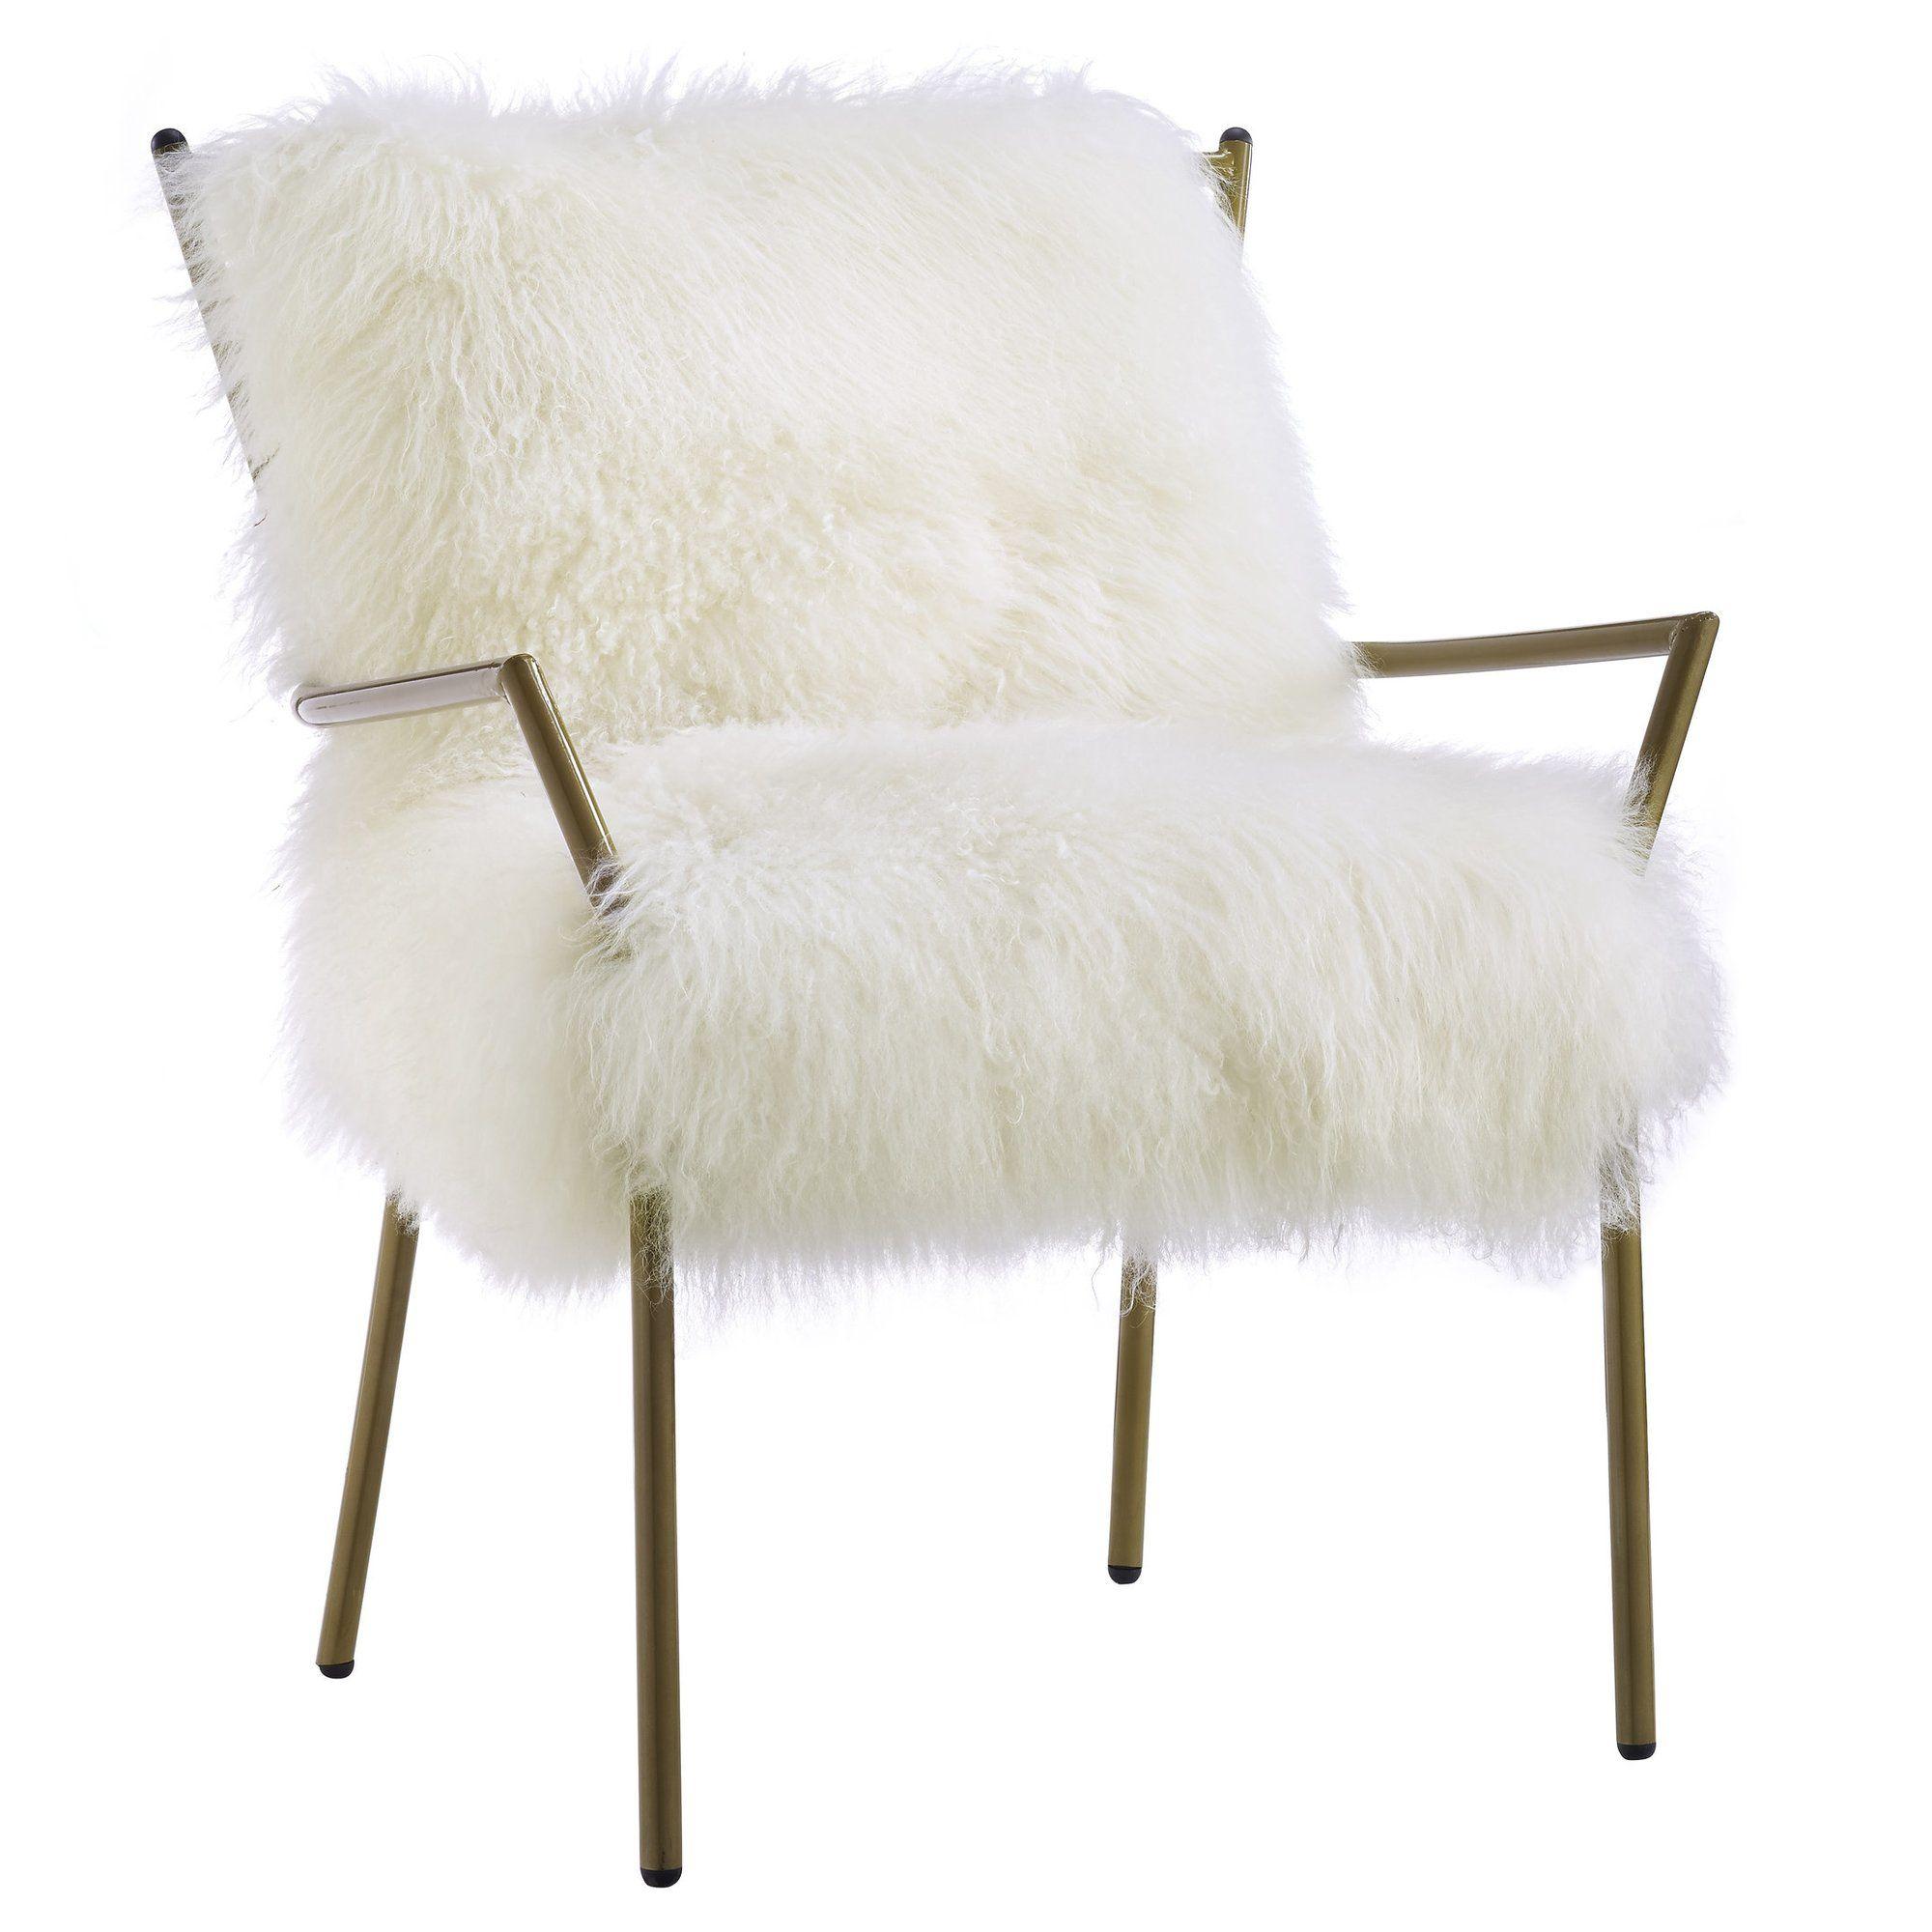 Laraine Sheepskin Arm Chair Sheepskin Chair White Accent Chair